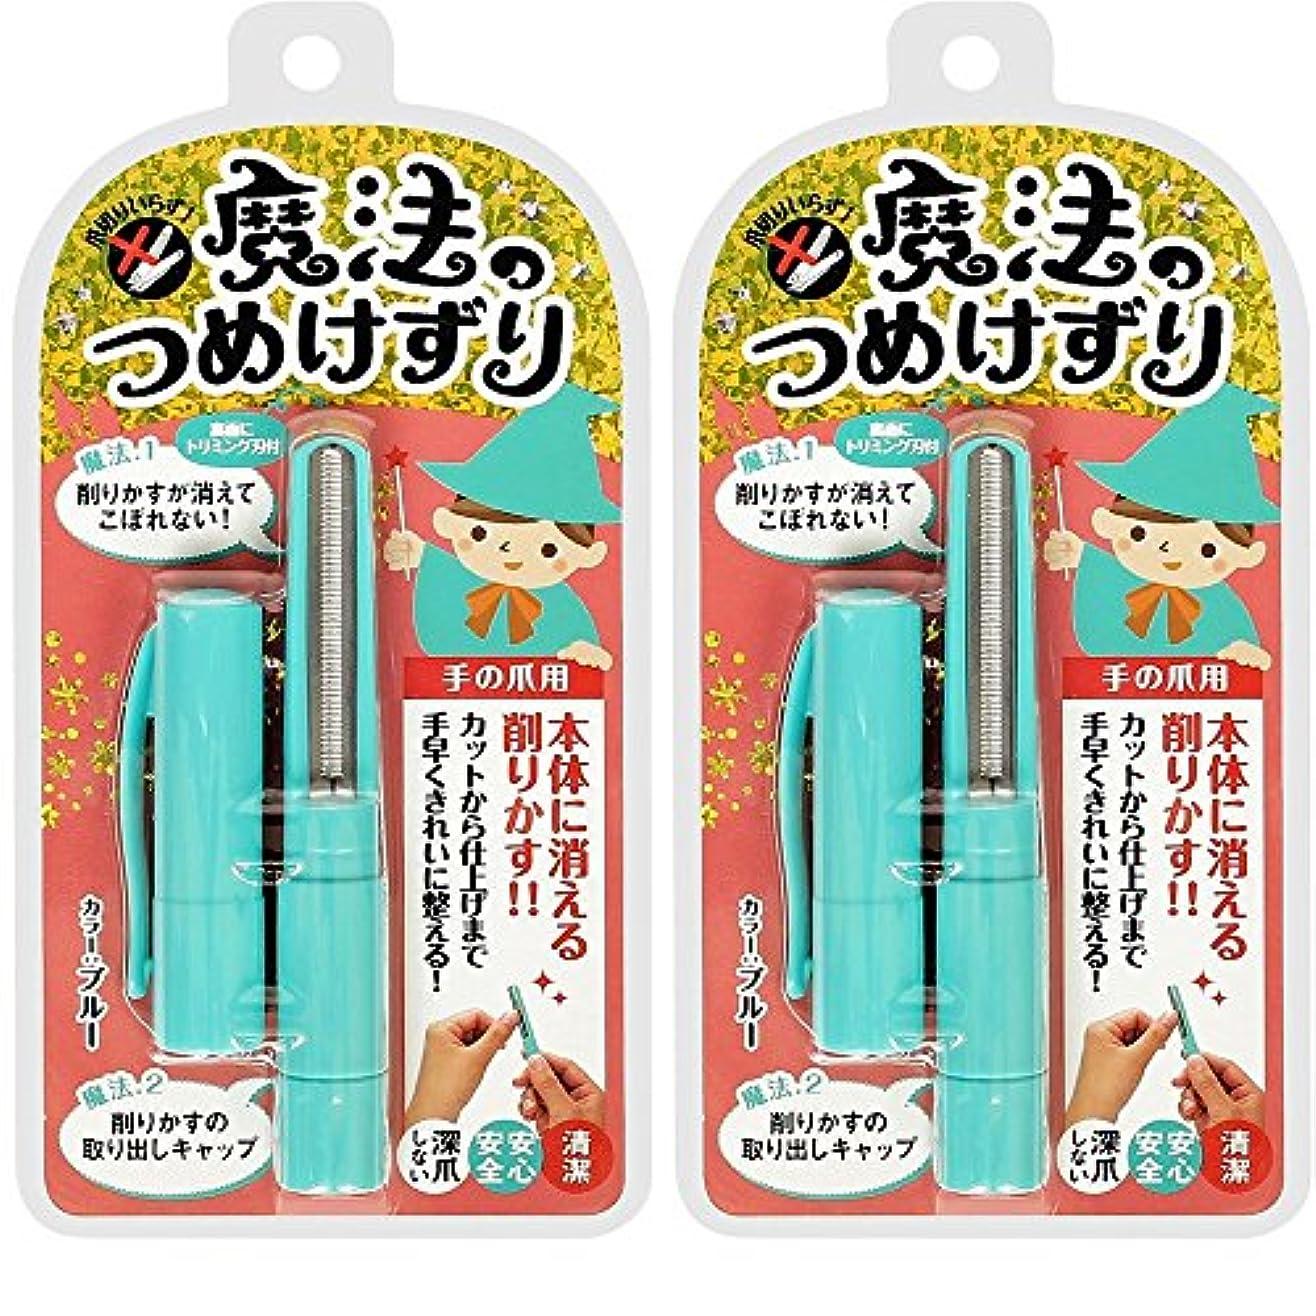 マーベル第九海外で【セット品】松本金型 魔法のつめけずり MM-091 ブルー 2個